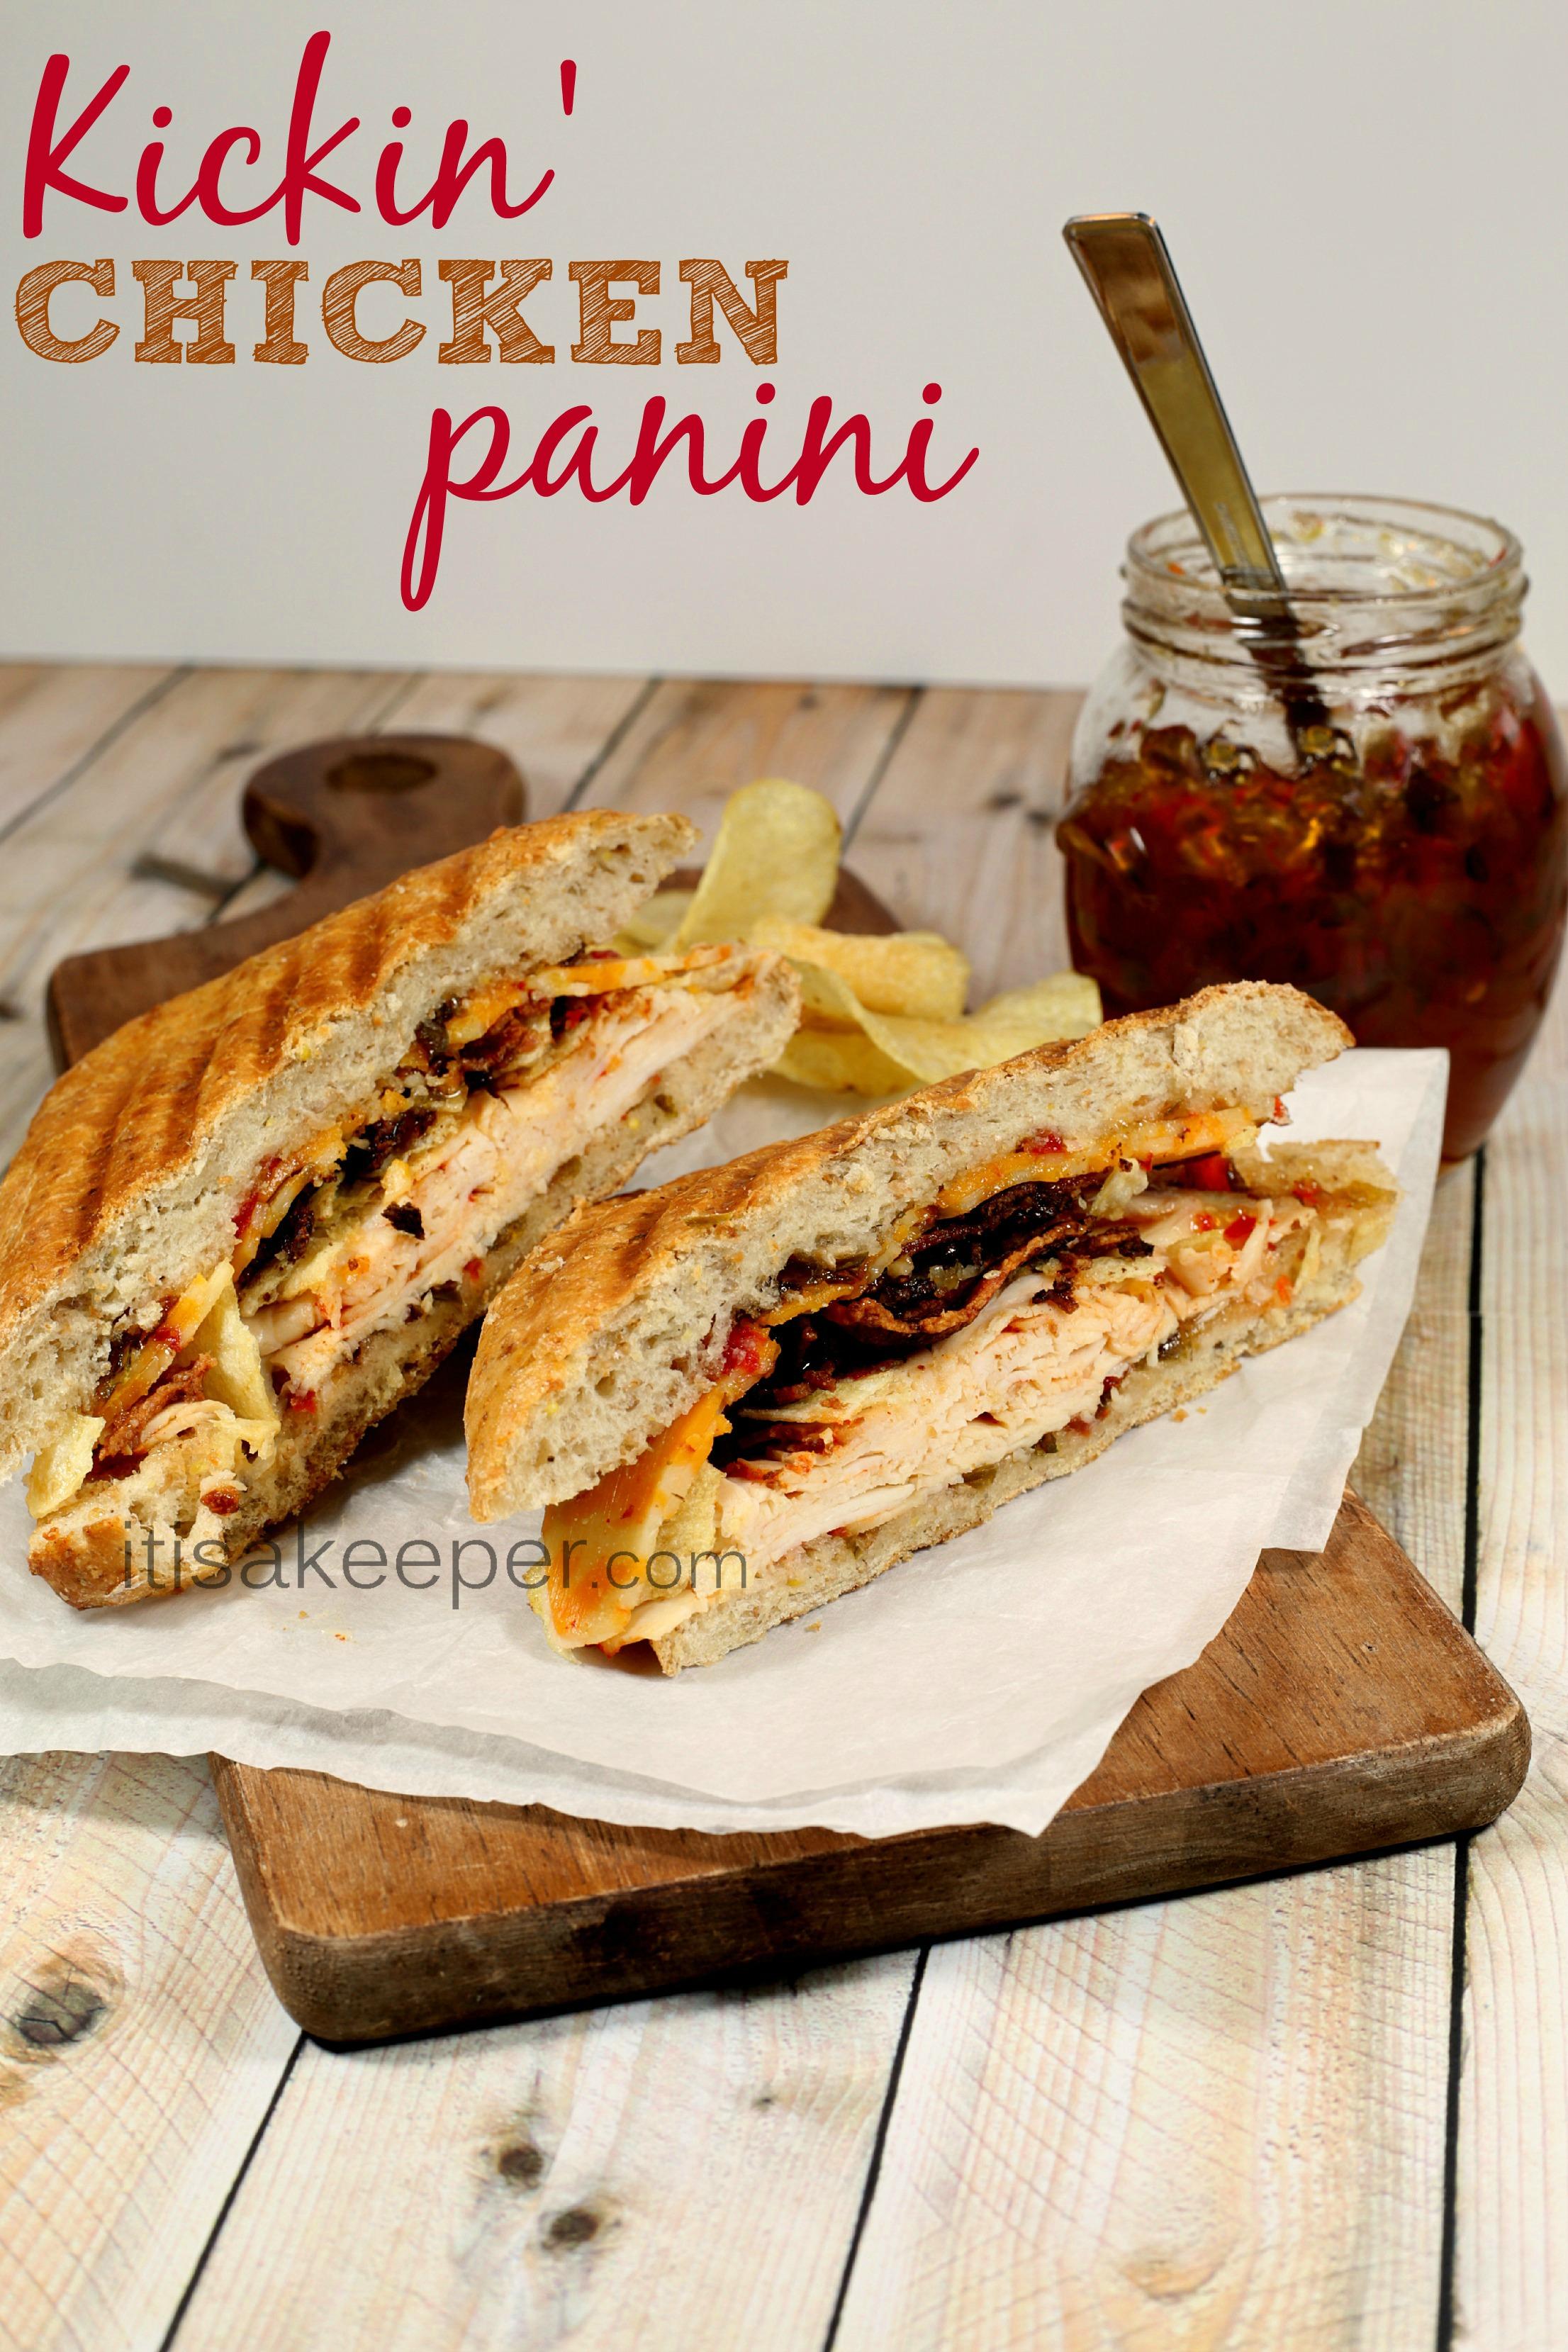 Kickin' Chicken Panini